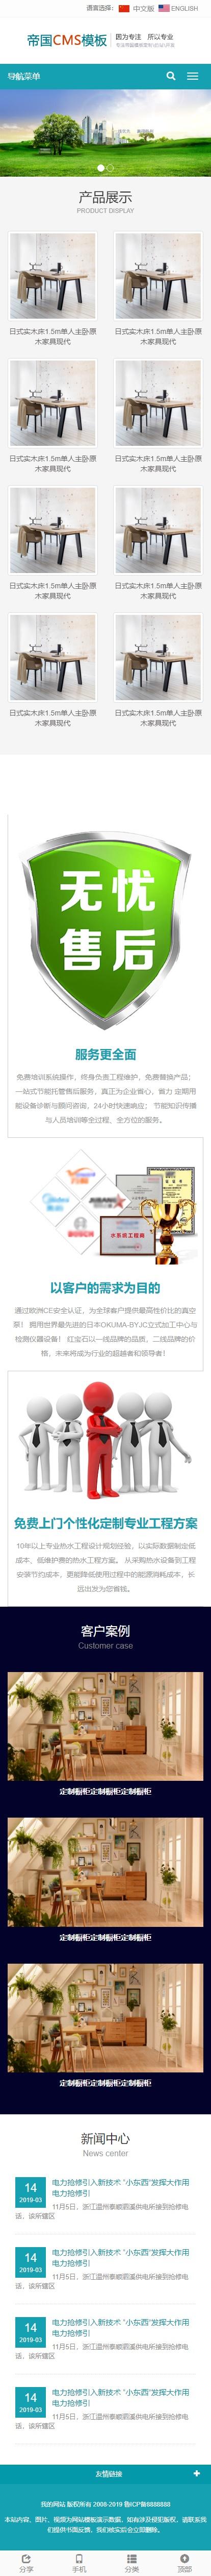 帝国cms模板之公司企业中英文双语版自适应响应式手机网站模板_手机版首页